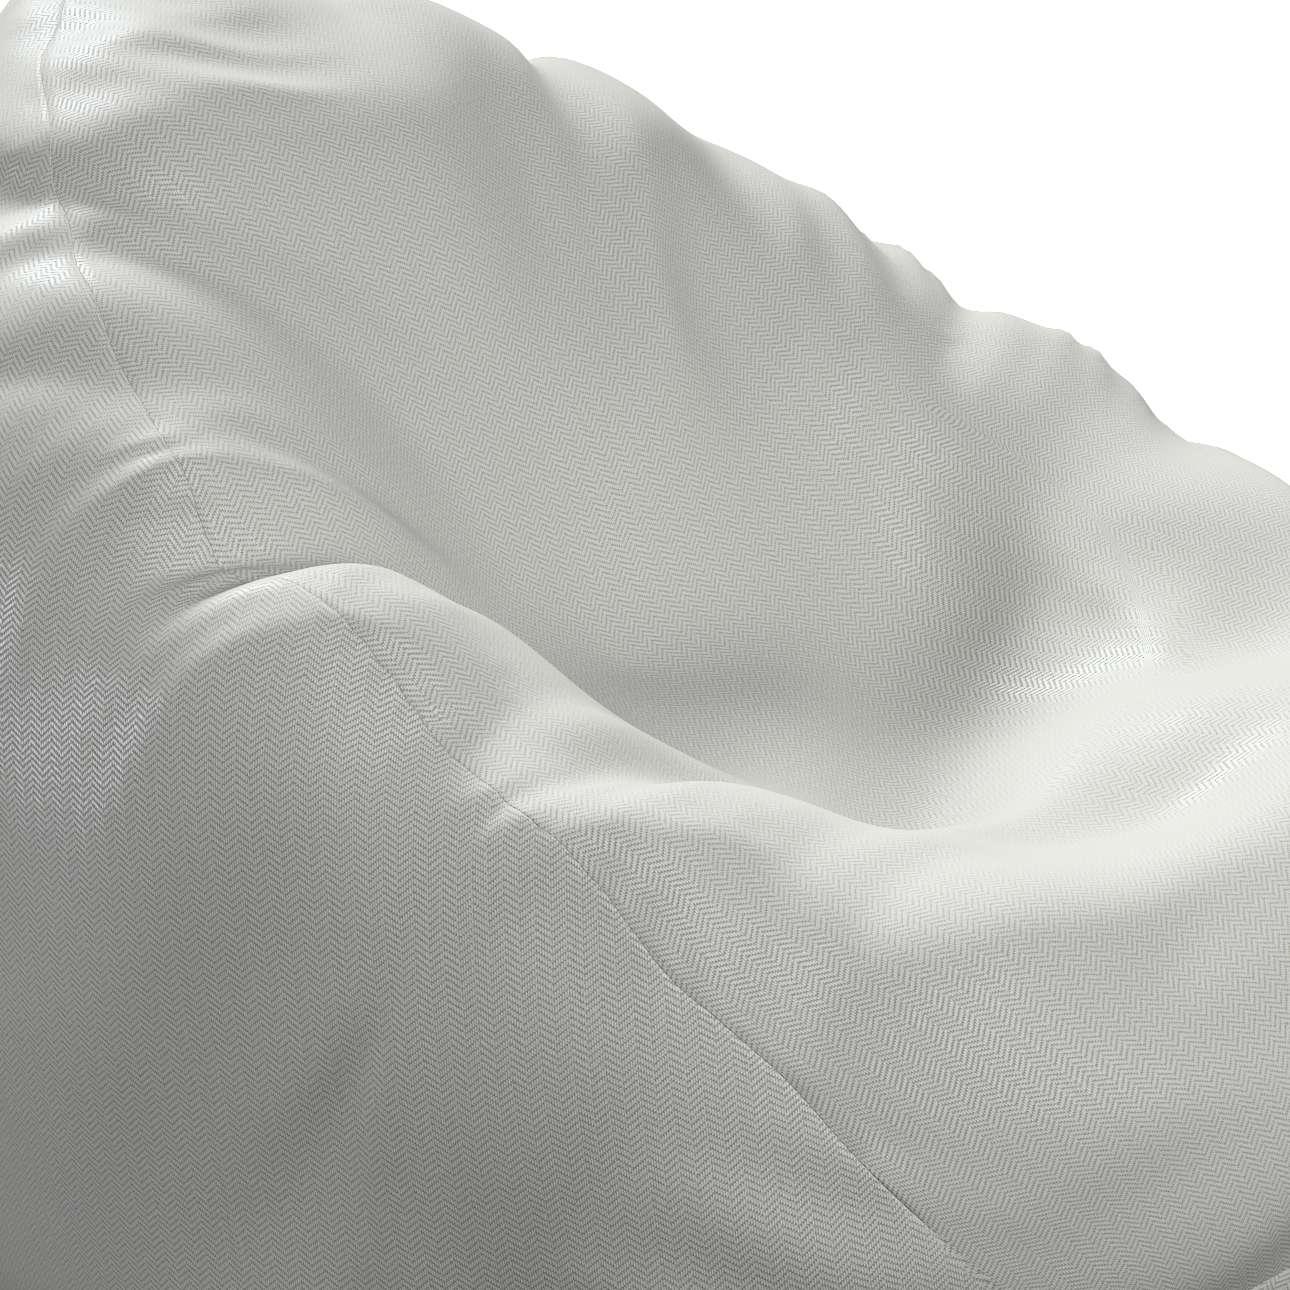 Pokrowiec na worek do siedzenia w kolekcji Bergen, tkanina: 161-84